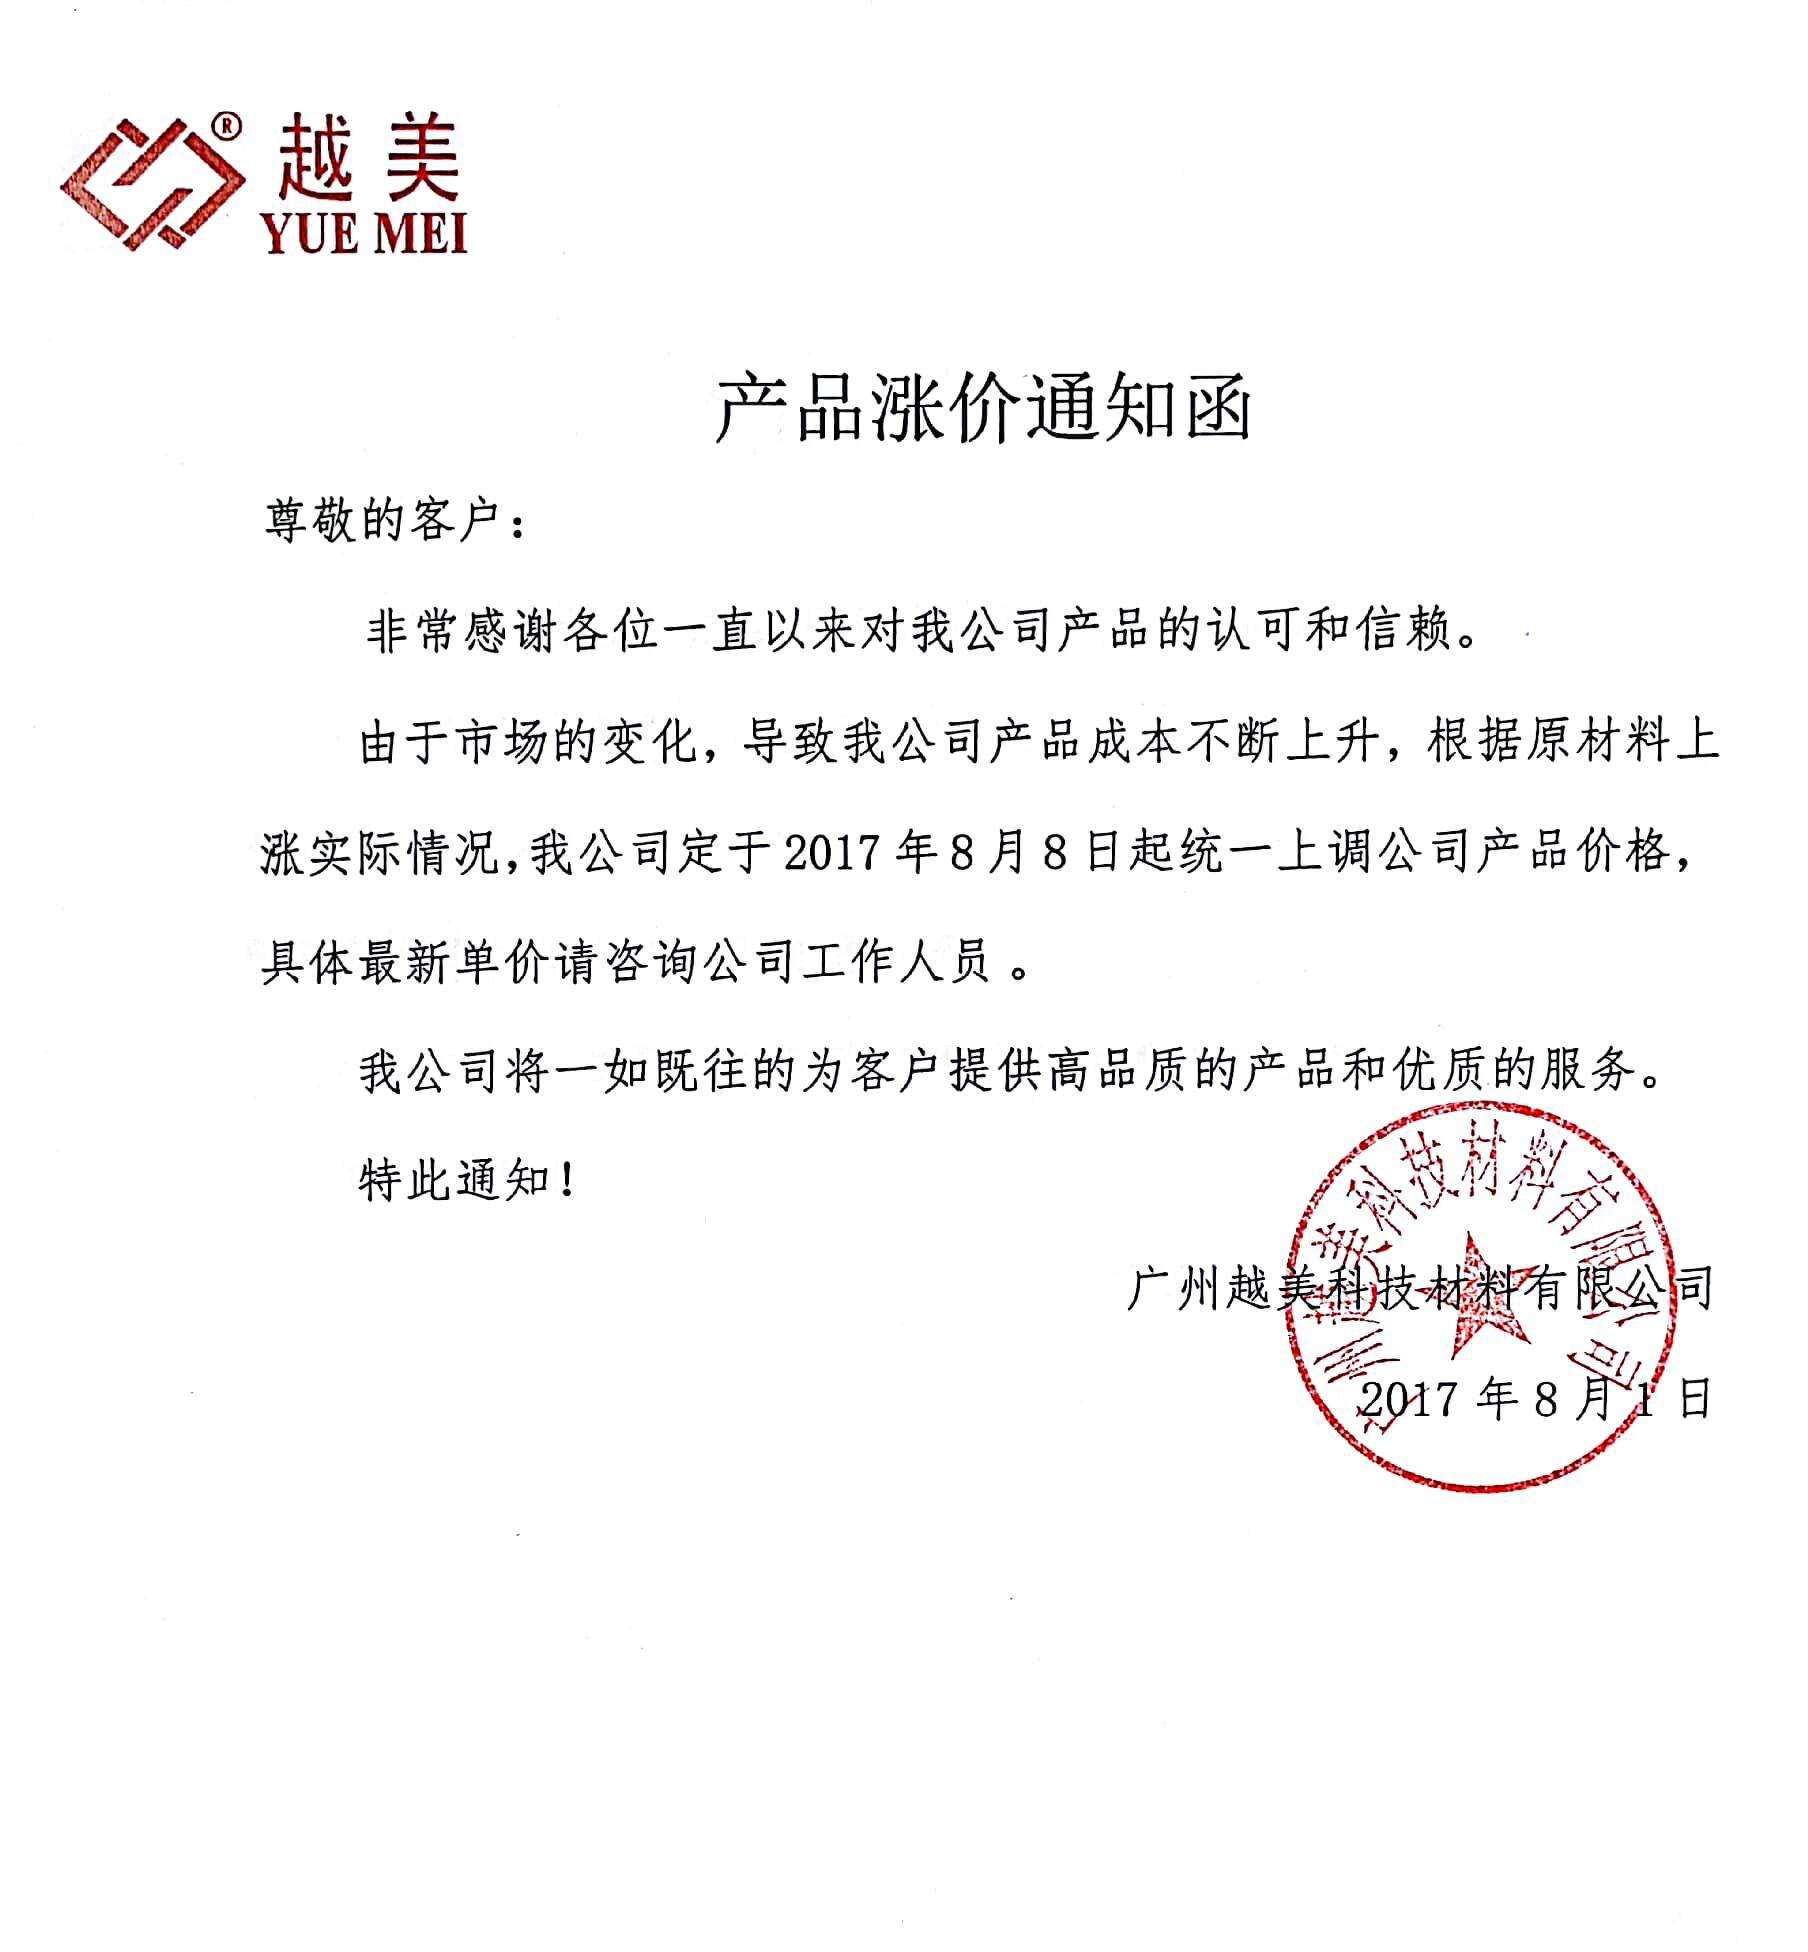 产品涨价通知函1.png